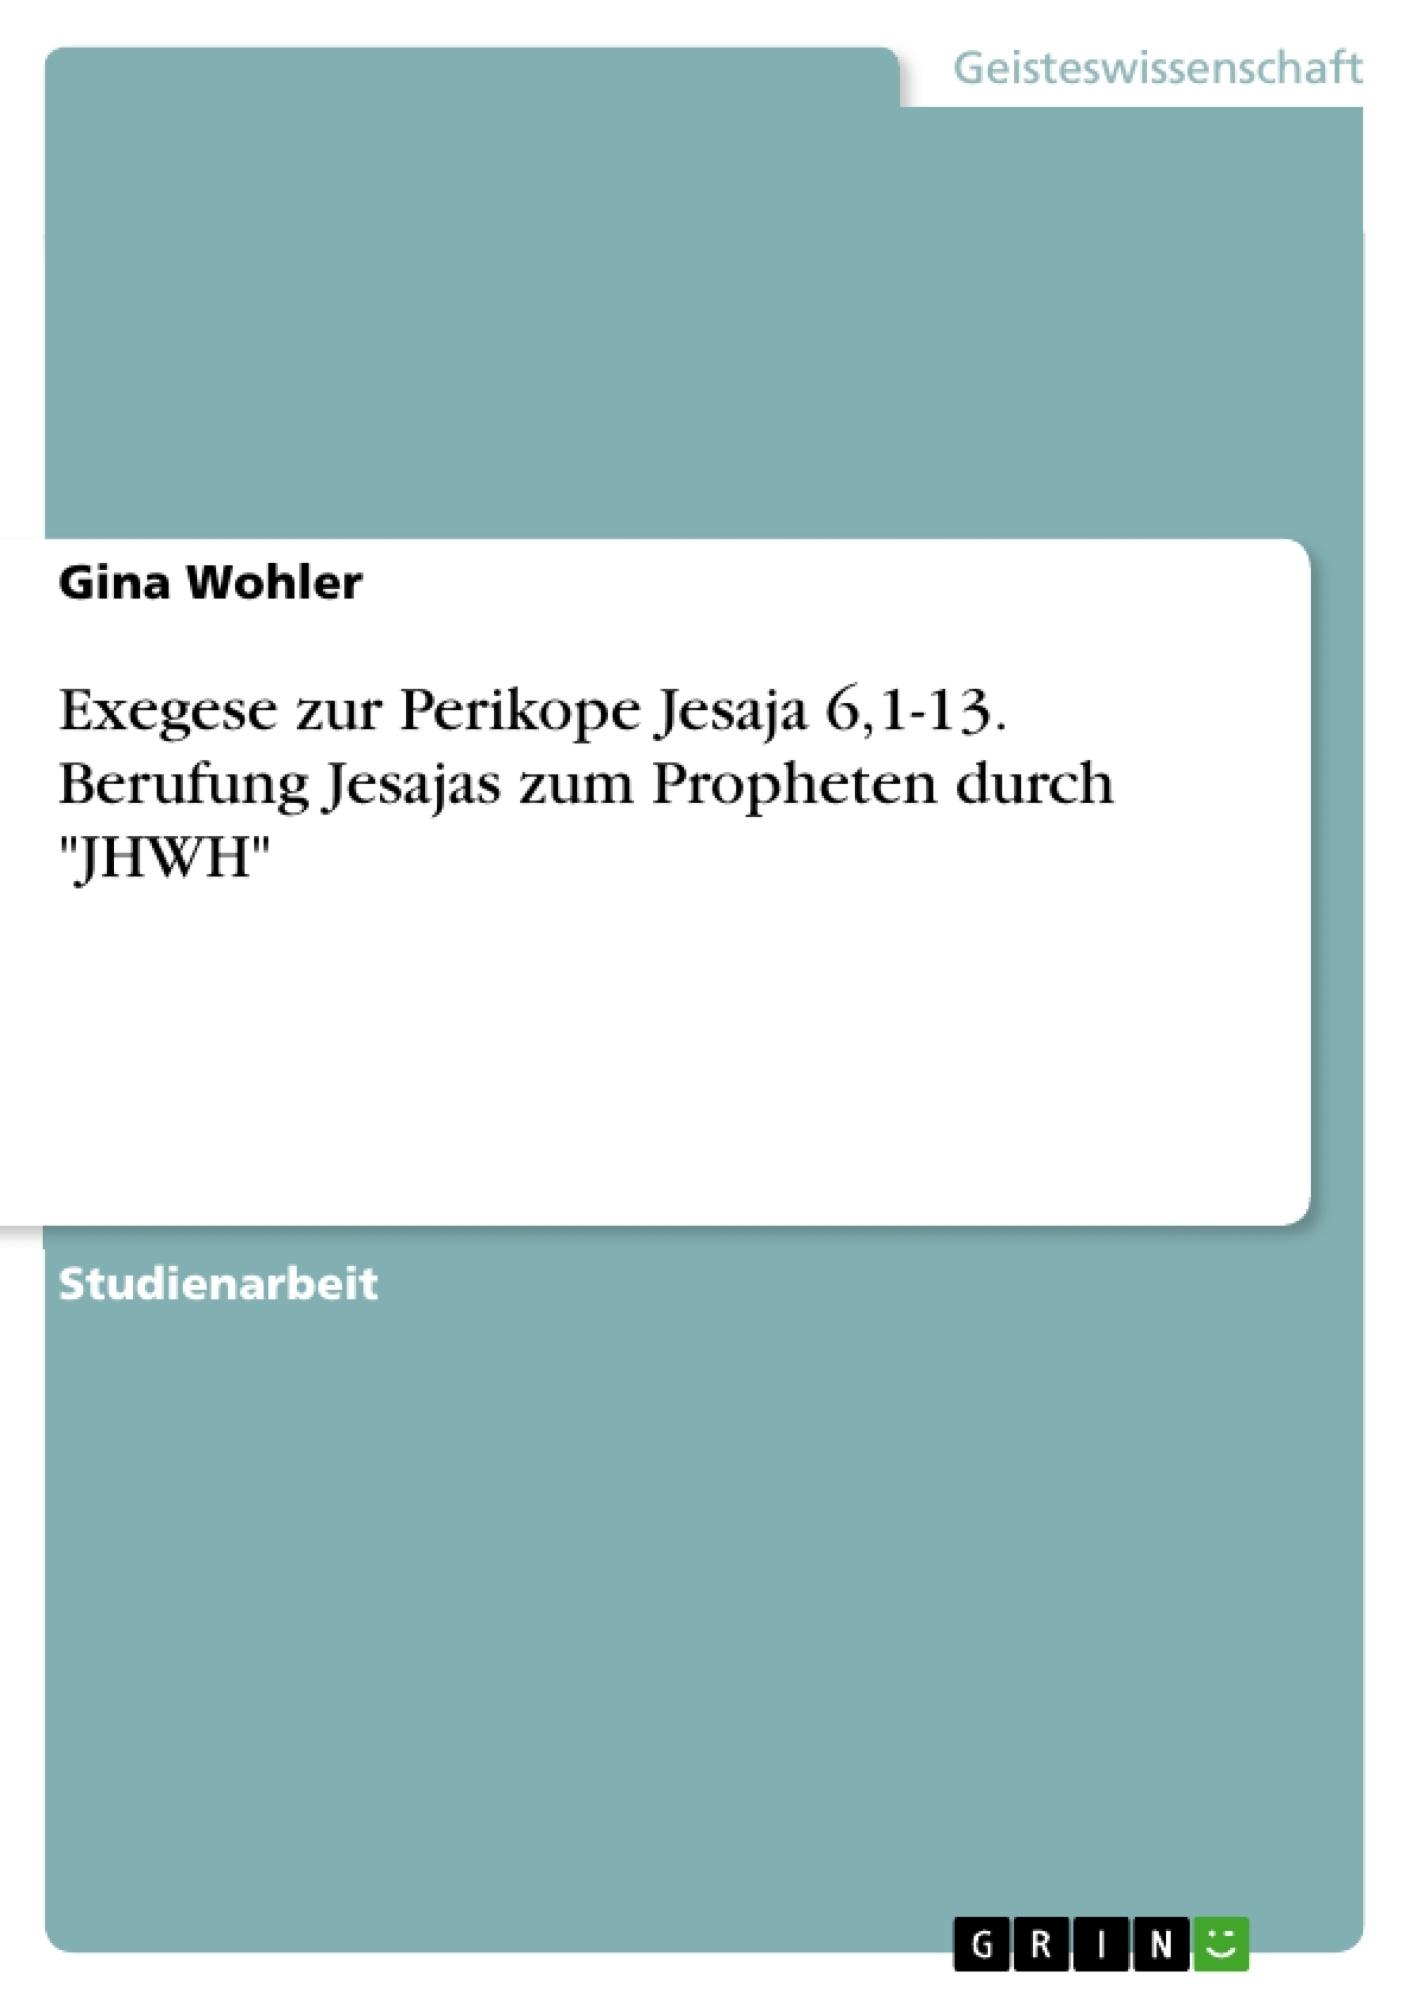 """Titel: Exegese zur Perikope Jesaja 6,1-13. Berufung Jesajas zum Propheten durch """"JHWH"""""""